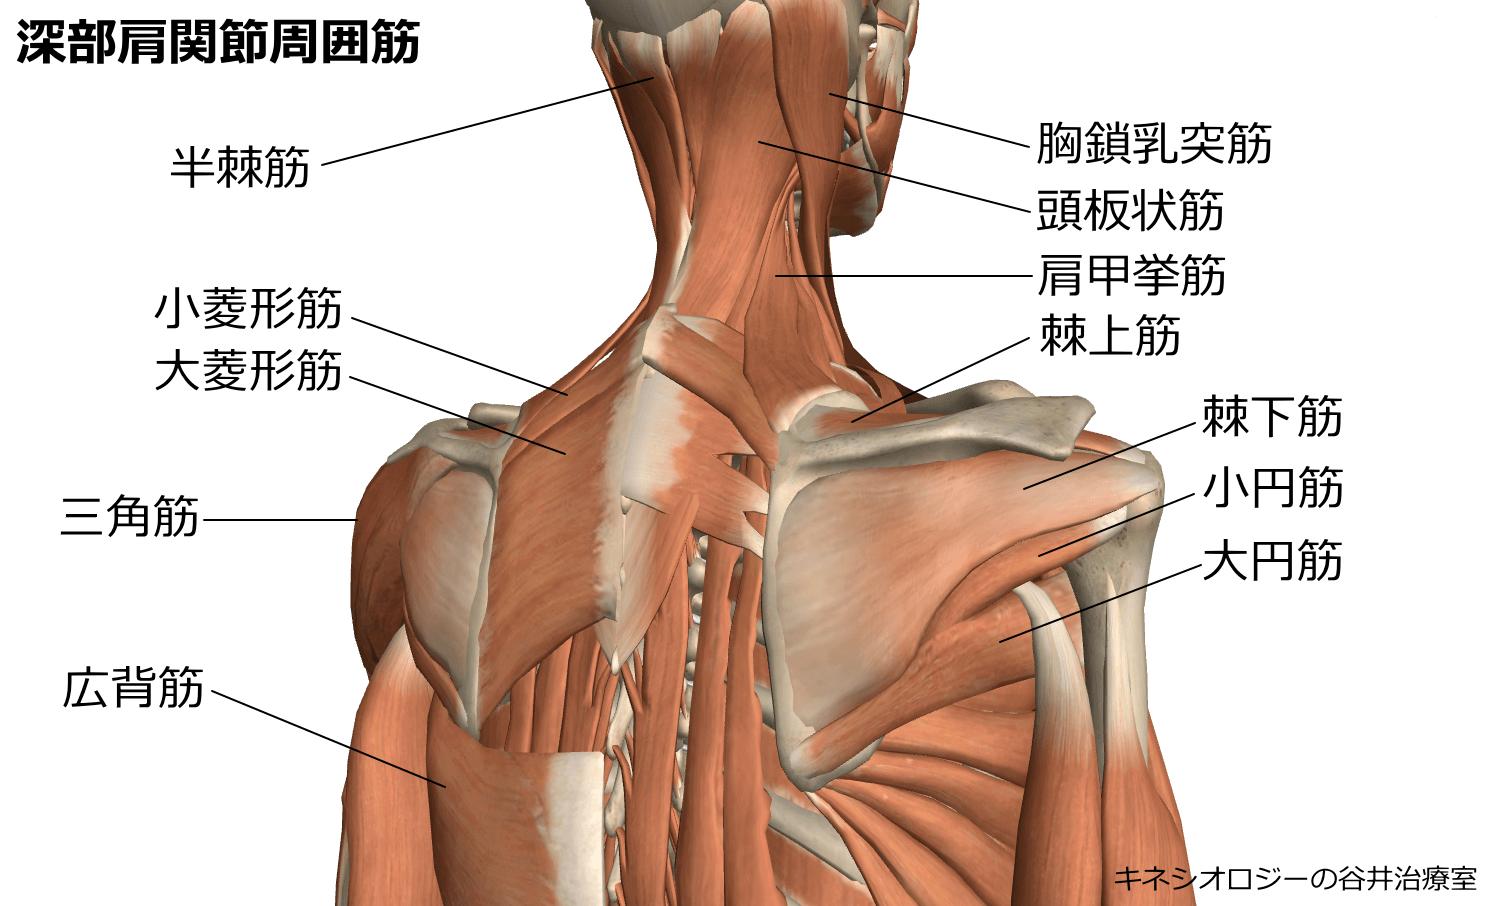 札幌肩こり整体治療院 谷井治療室 回旋腱板イラスト